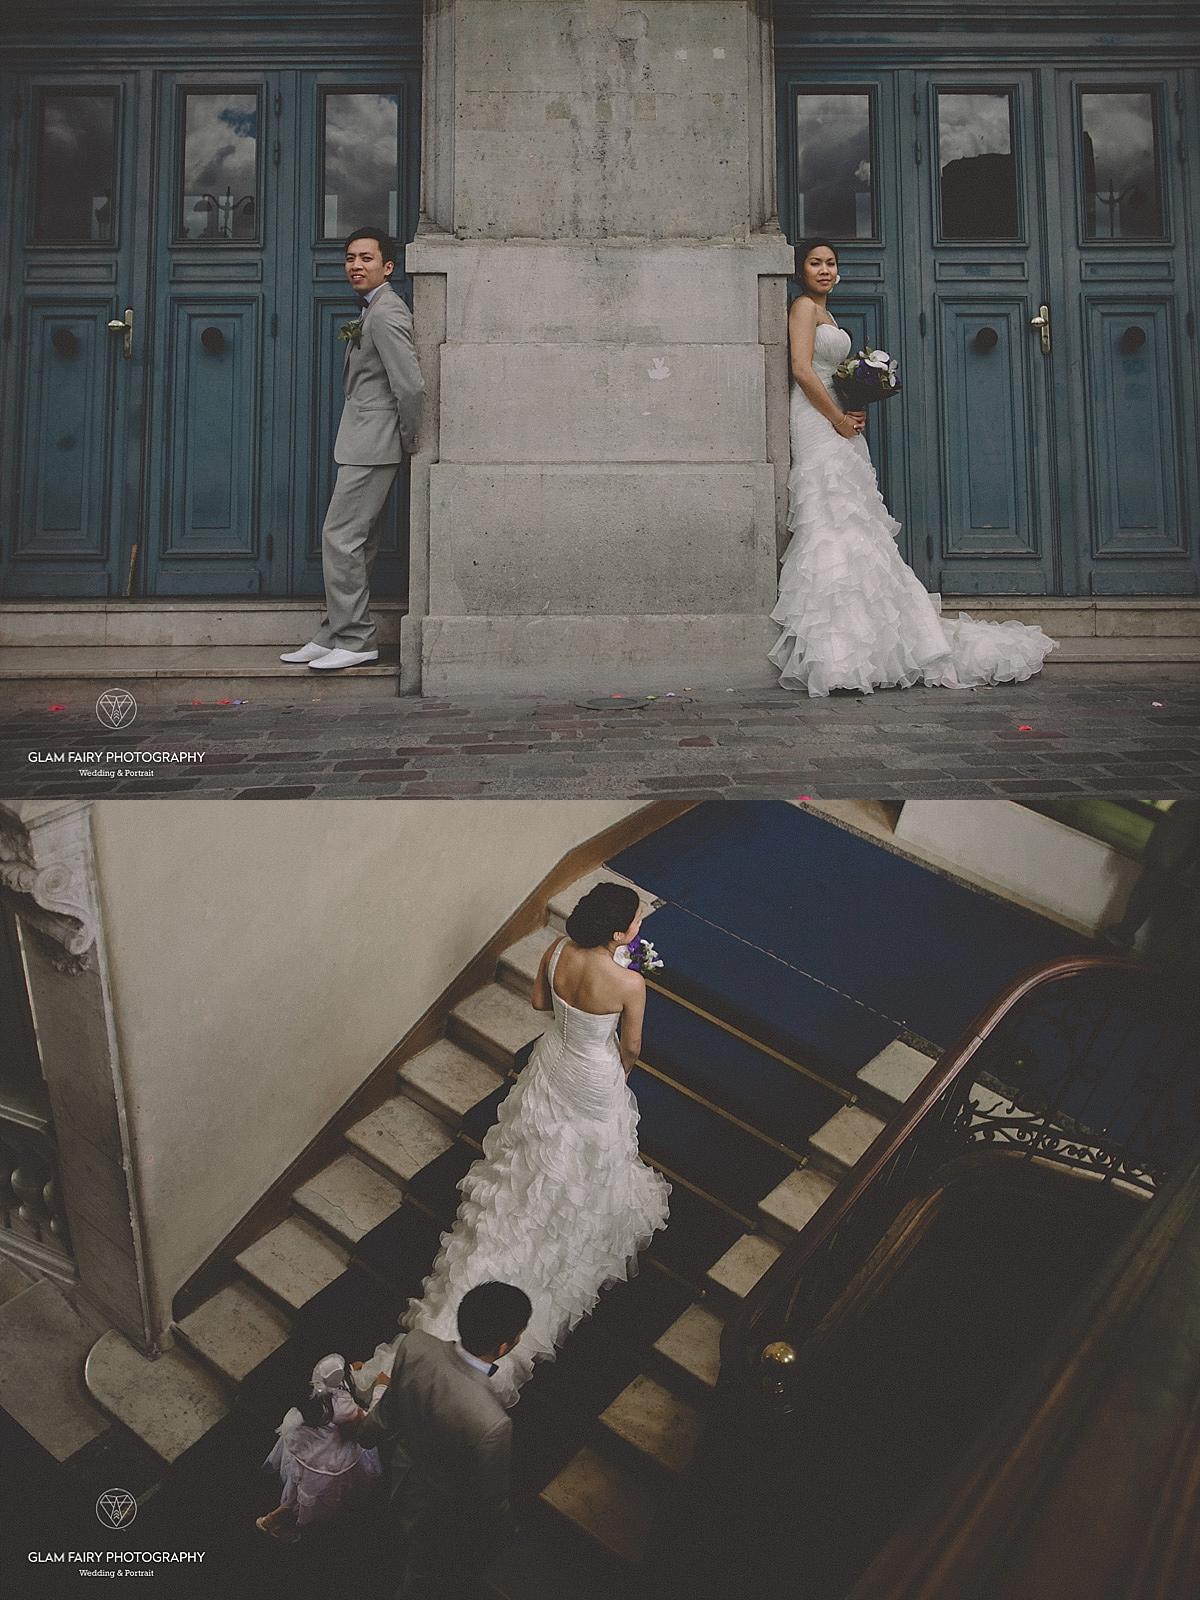 GlamFairyPhotography-mariage-chinois-paris-marisouk_0022